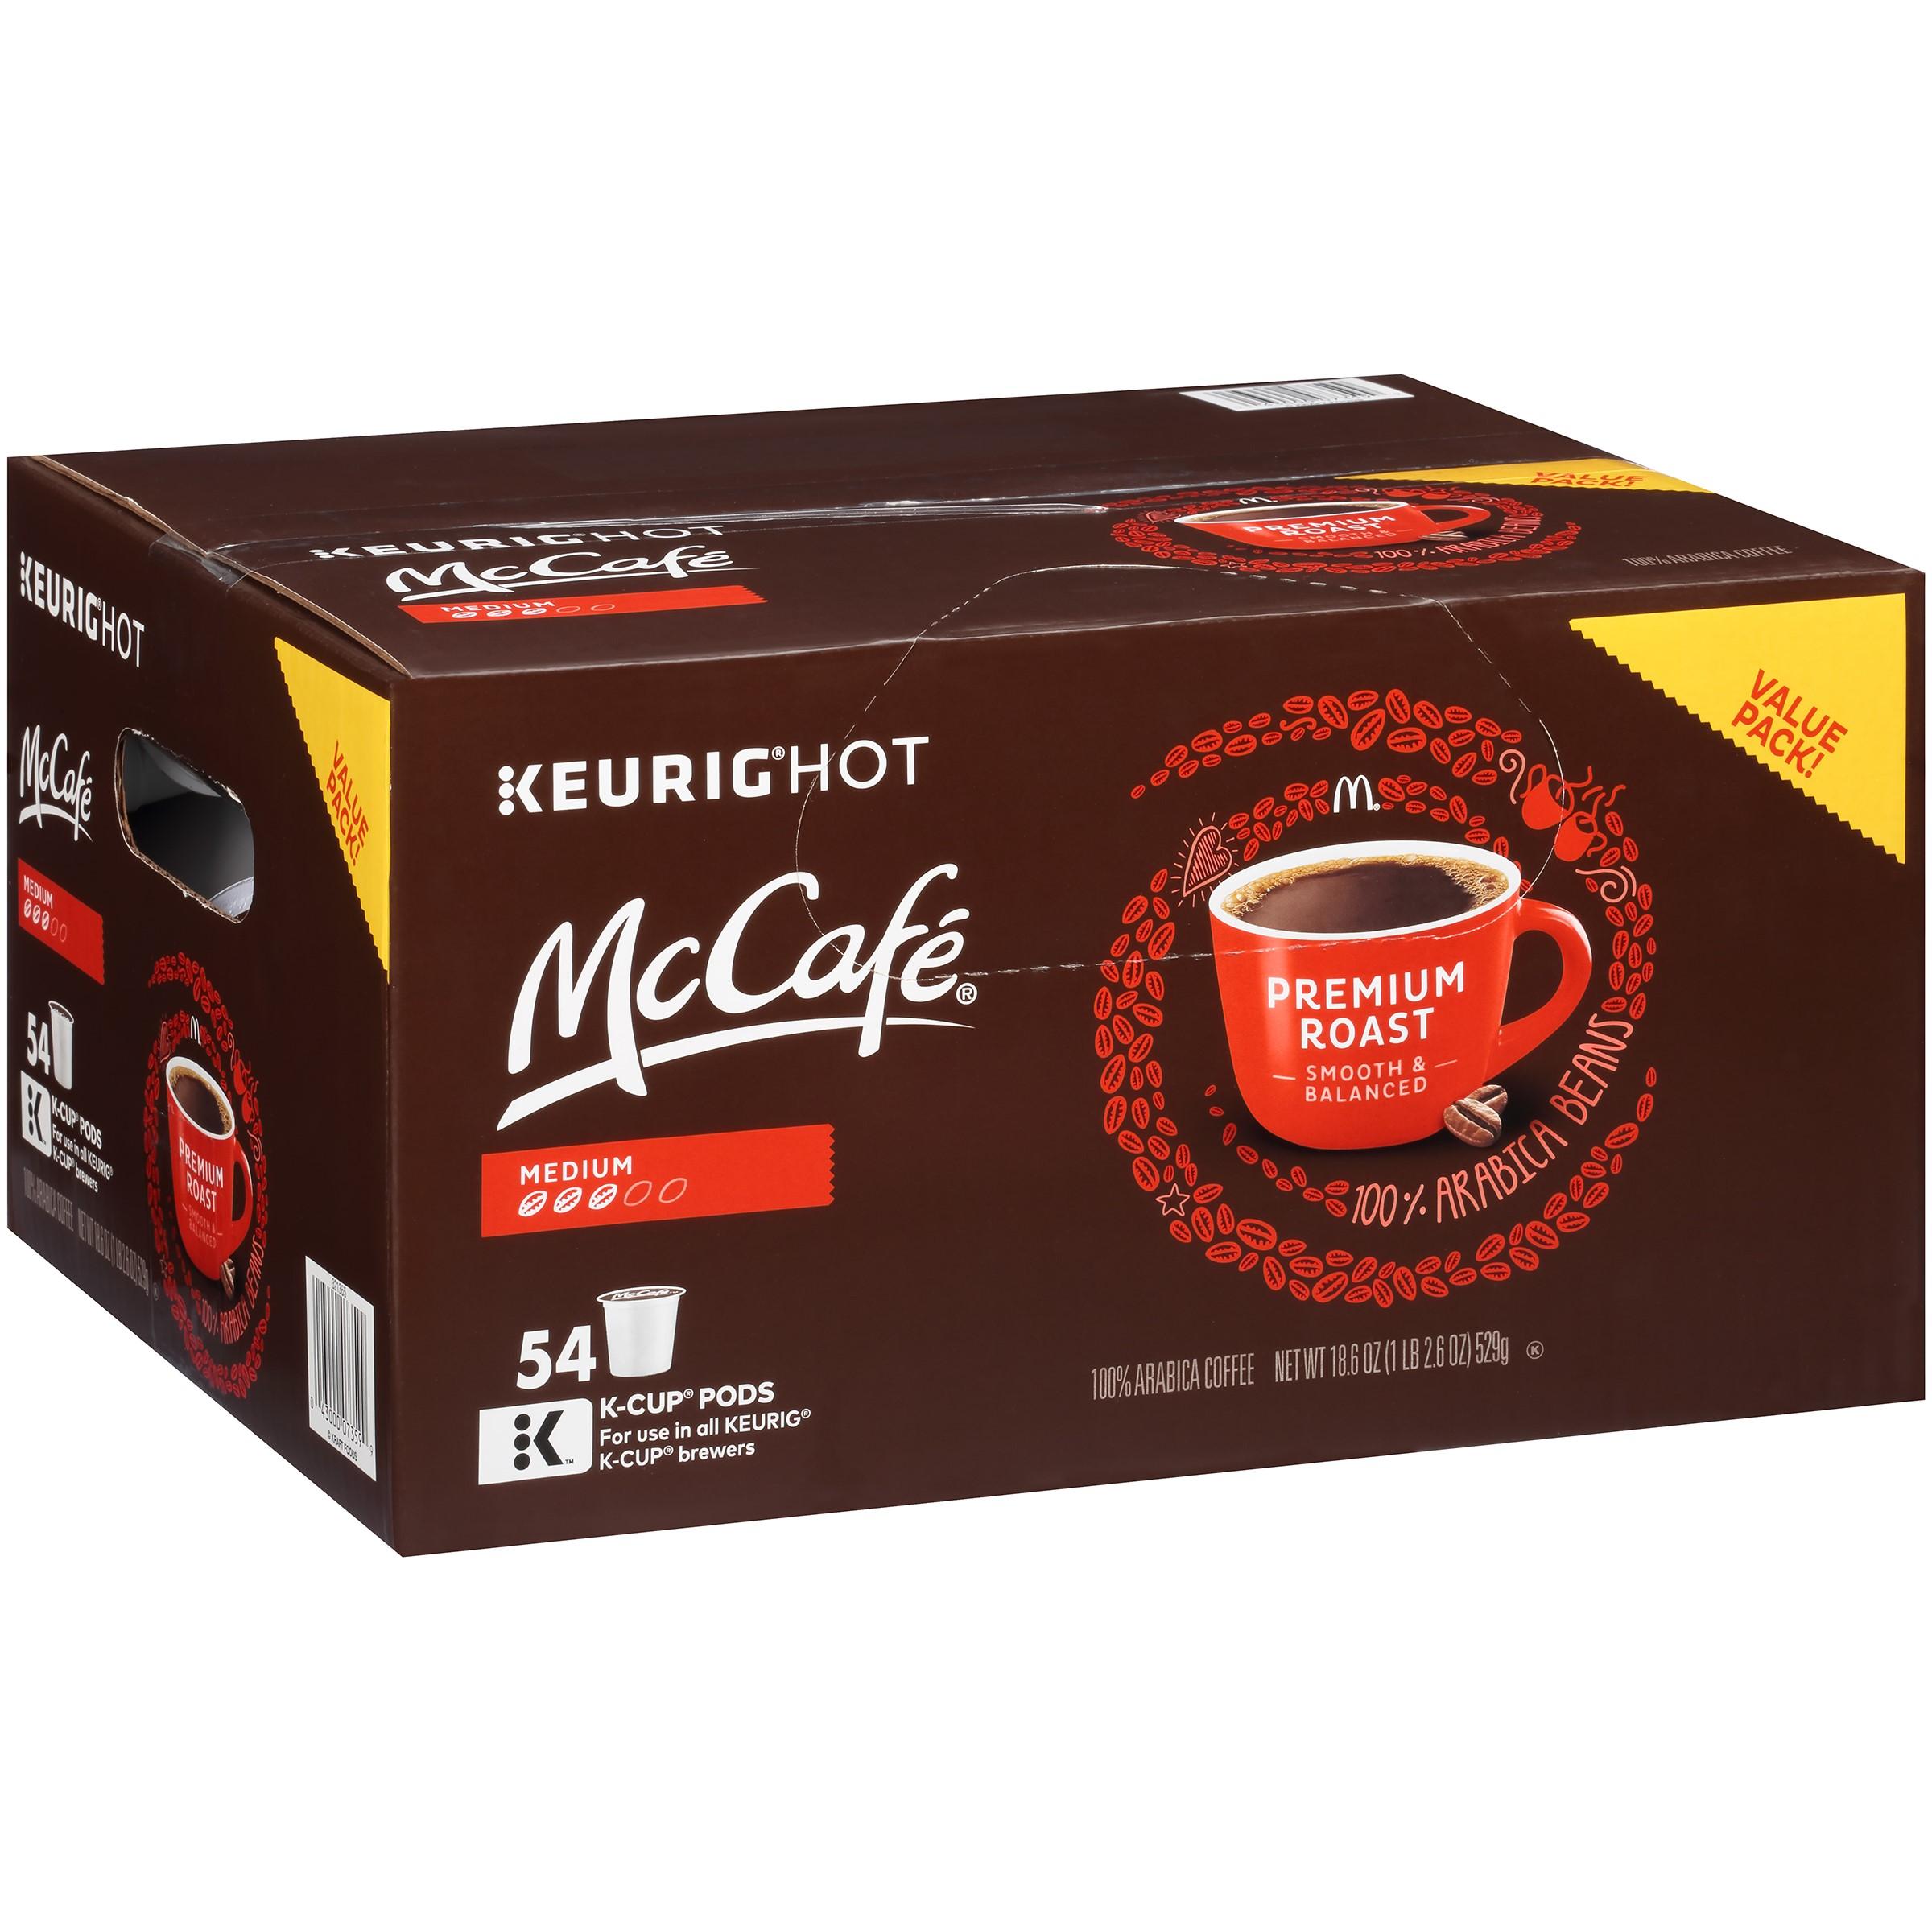 McCafe Premium Medium Roast Coffee K-Cup Pods, 54 count